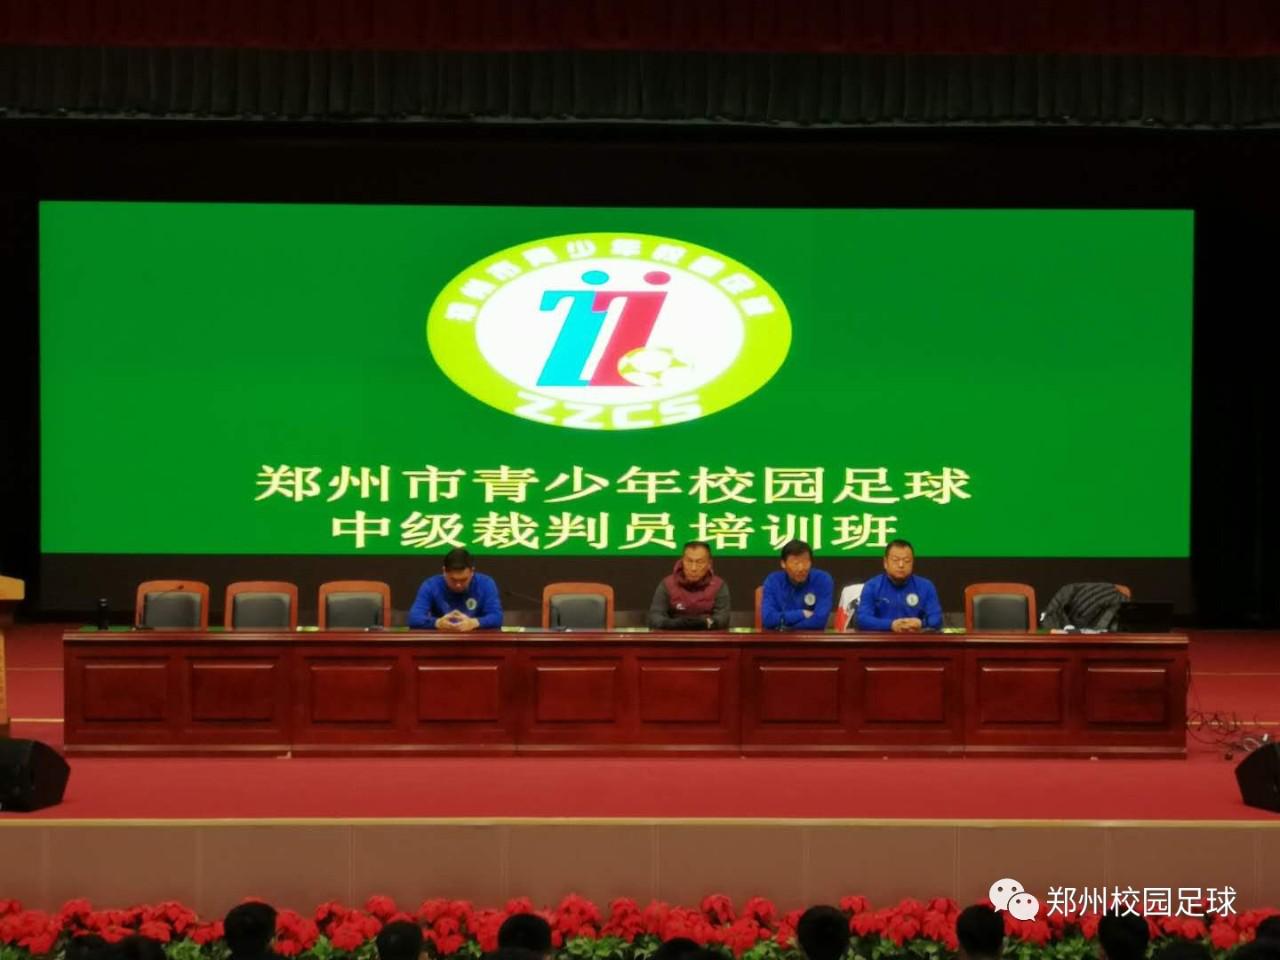 郑州市青少年校园足球初级裁判员培训班正式启航